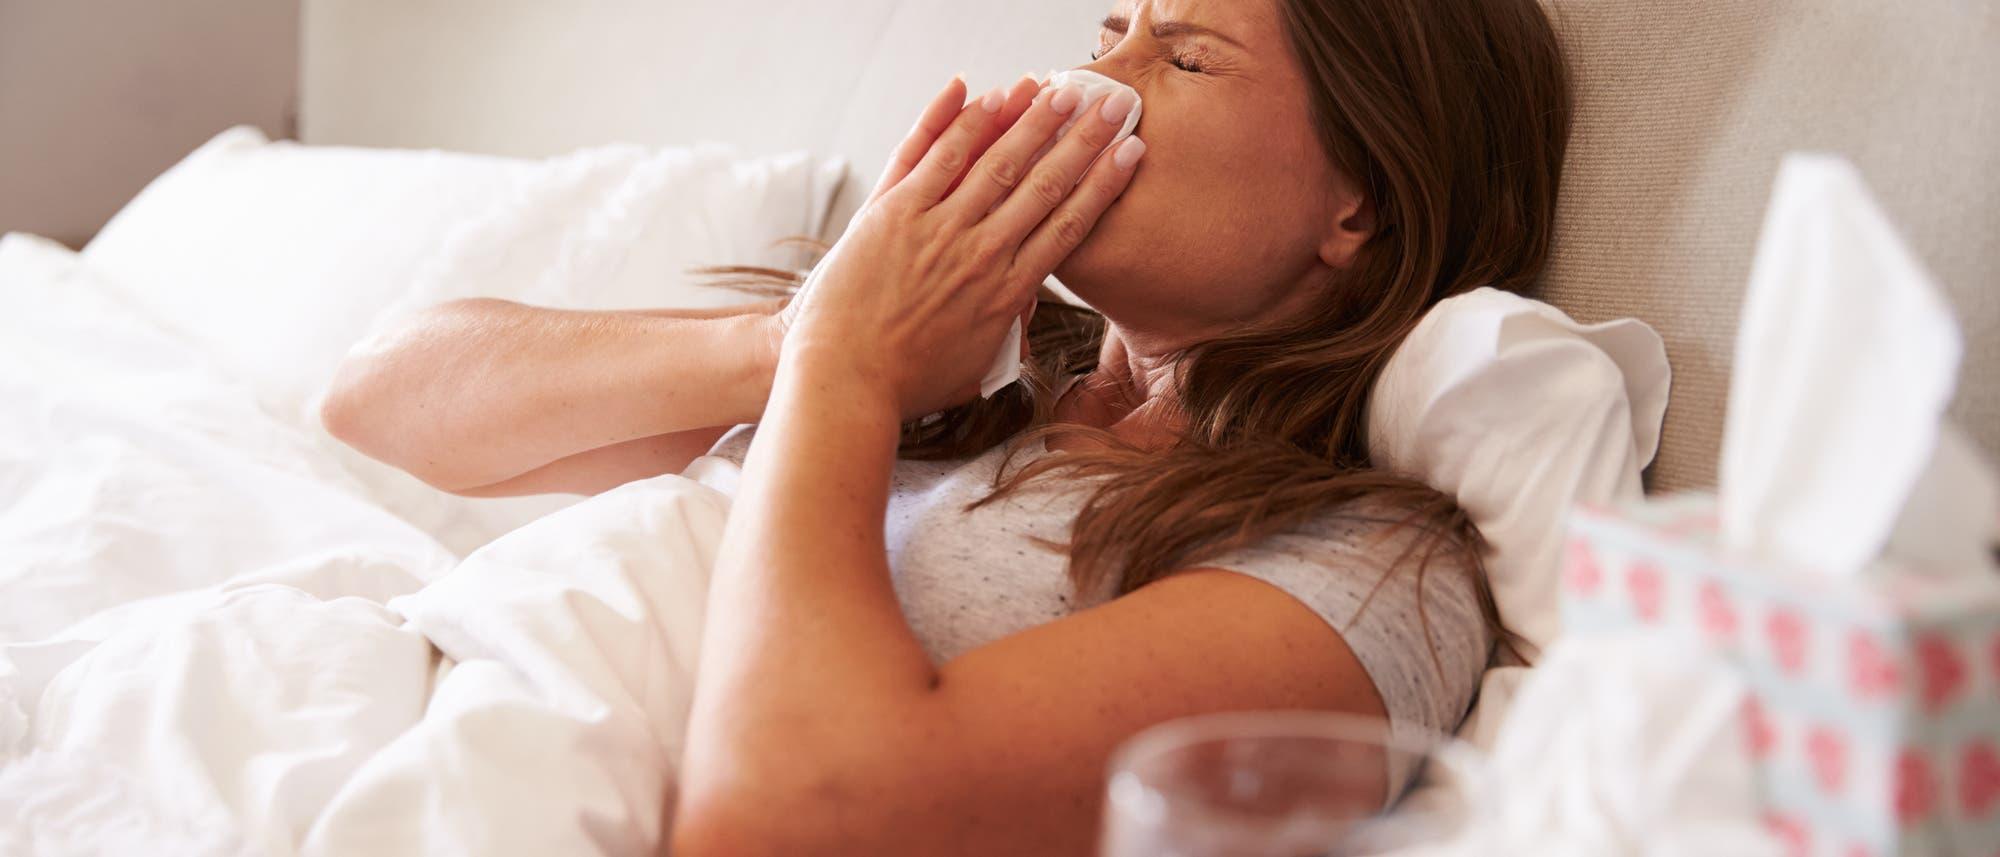 Eine junge Frau liegt in gesellschaft einer größeren Anzahl Taschentücher im Bett und schneuzt sich gerade die Nase